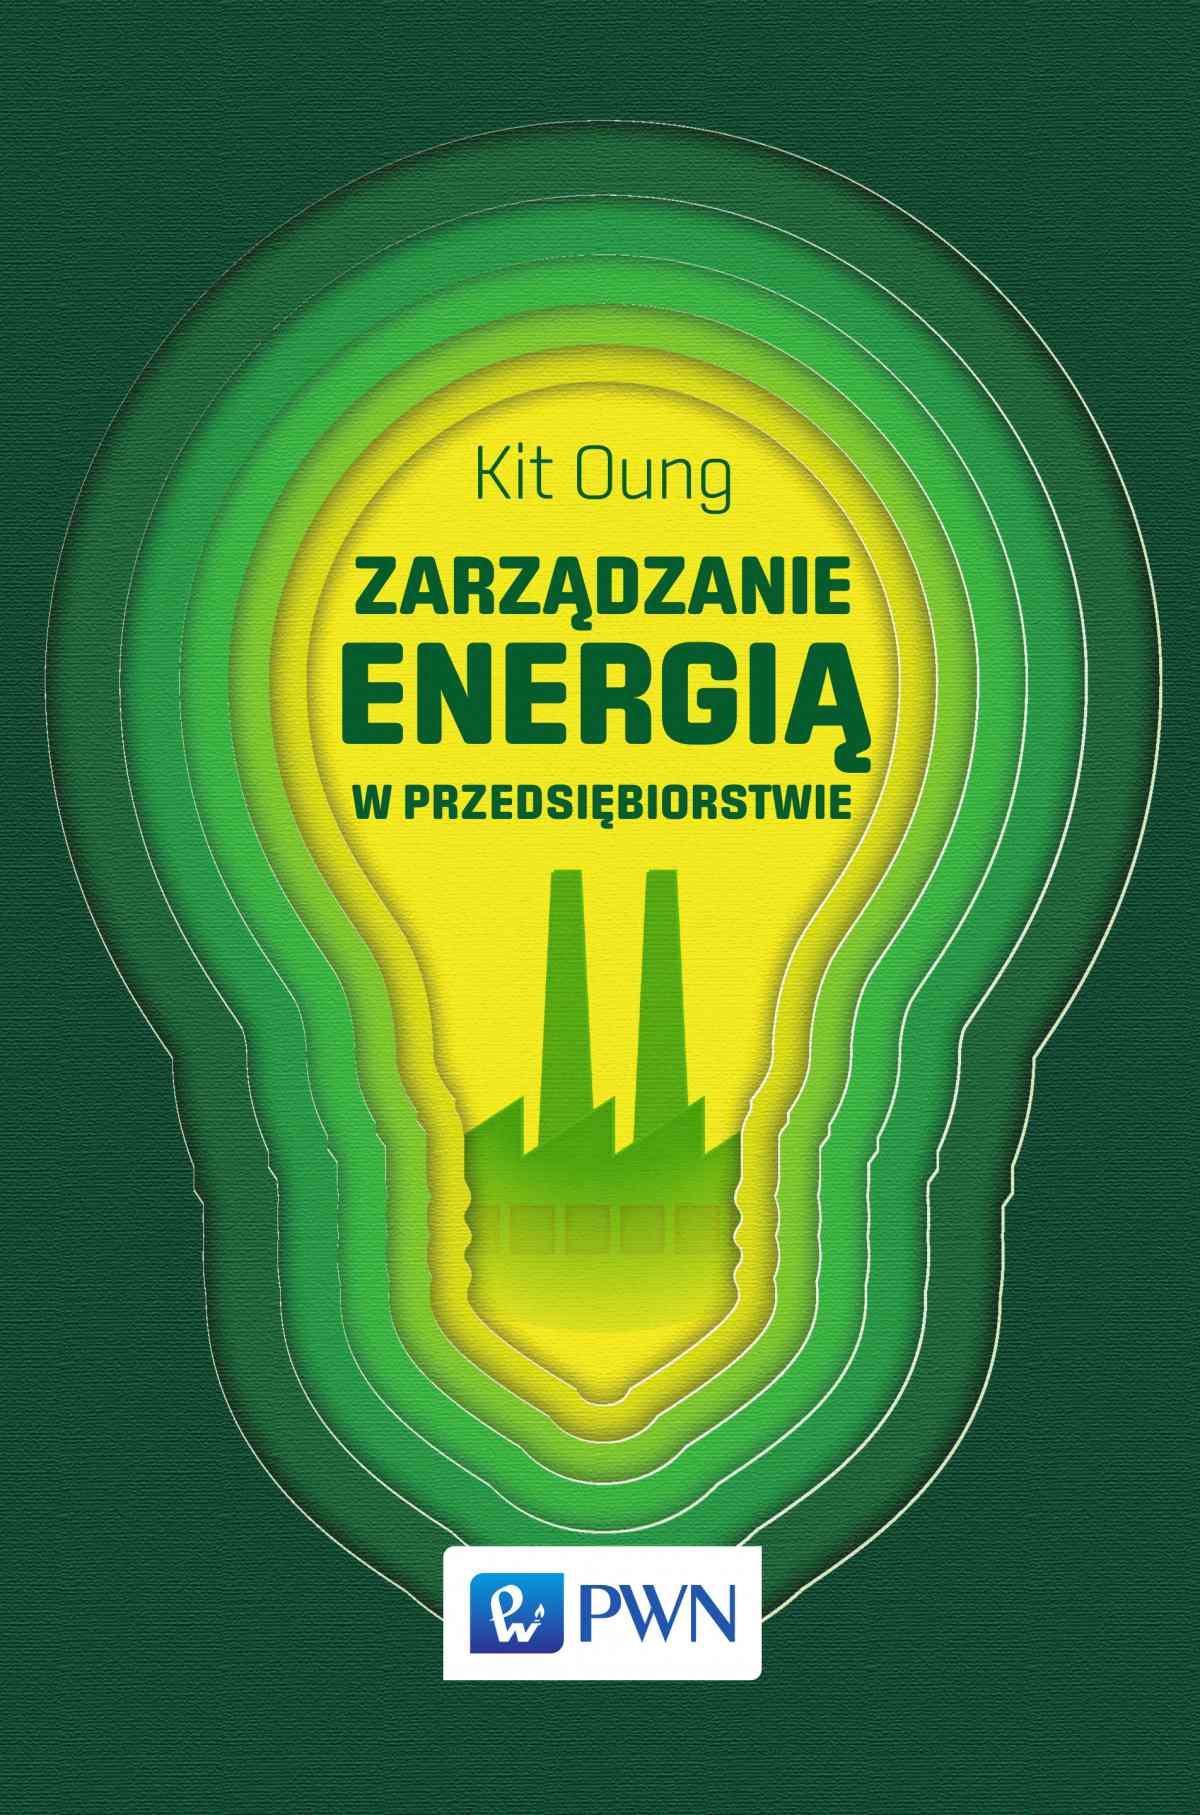 Zarządzanie energią w przedsiębiorstwie - Ebook (Książka EPUB) do pobrania w formacie EPUB